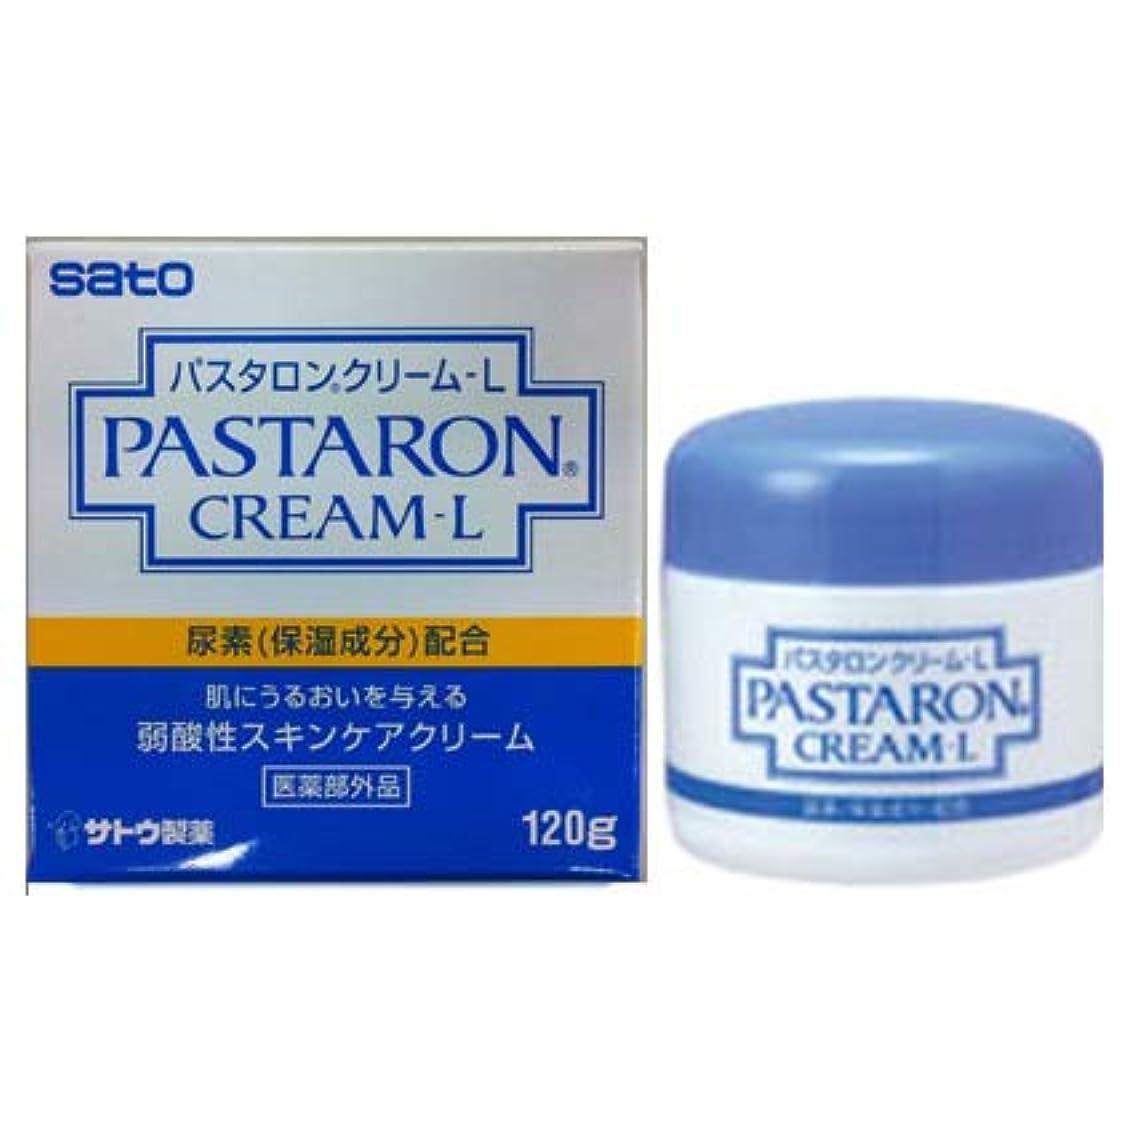 一部タクト額パスタロンクリームL 120g×4個セット【医薬部外品】